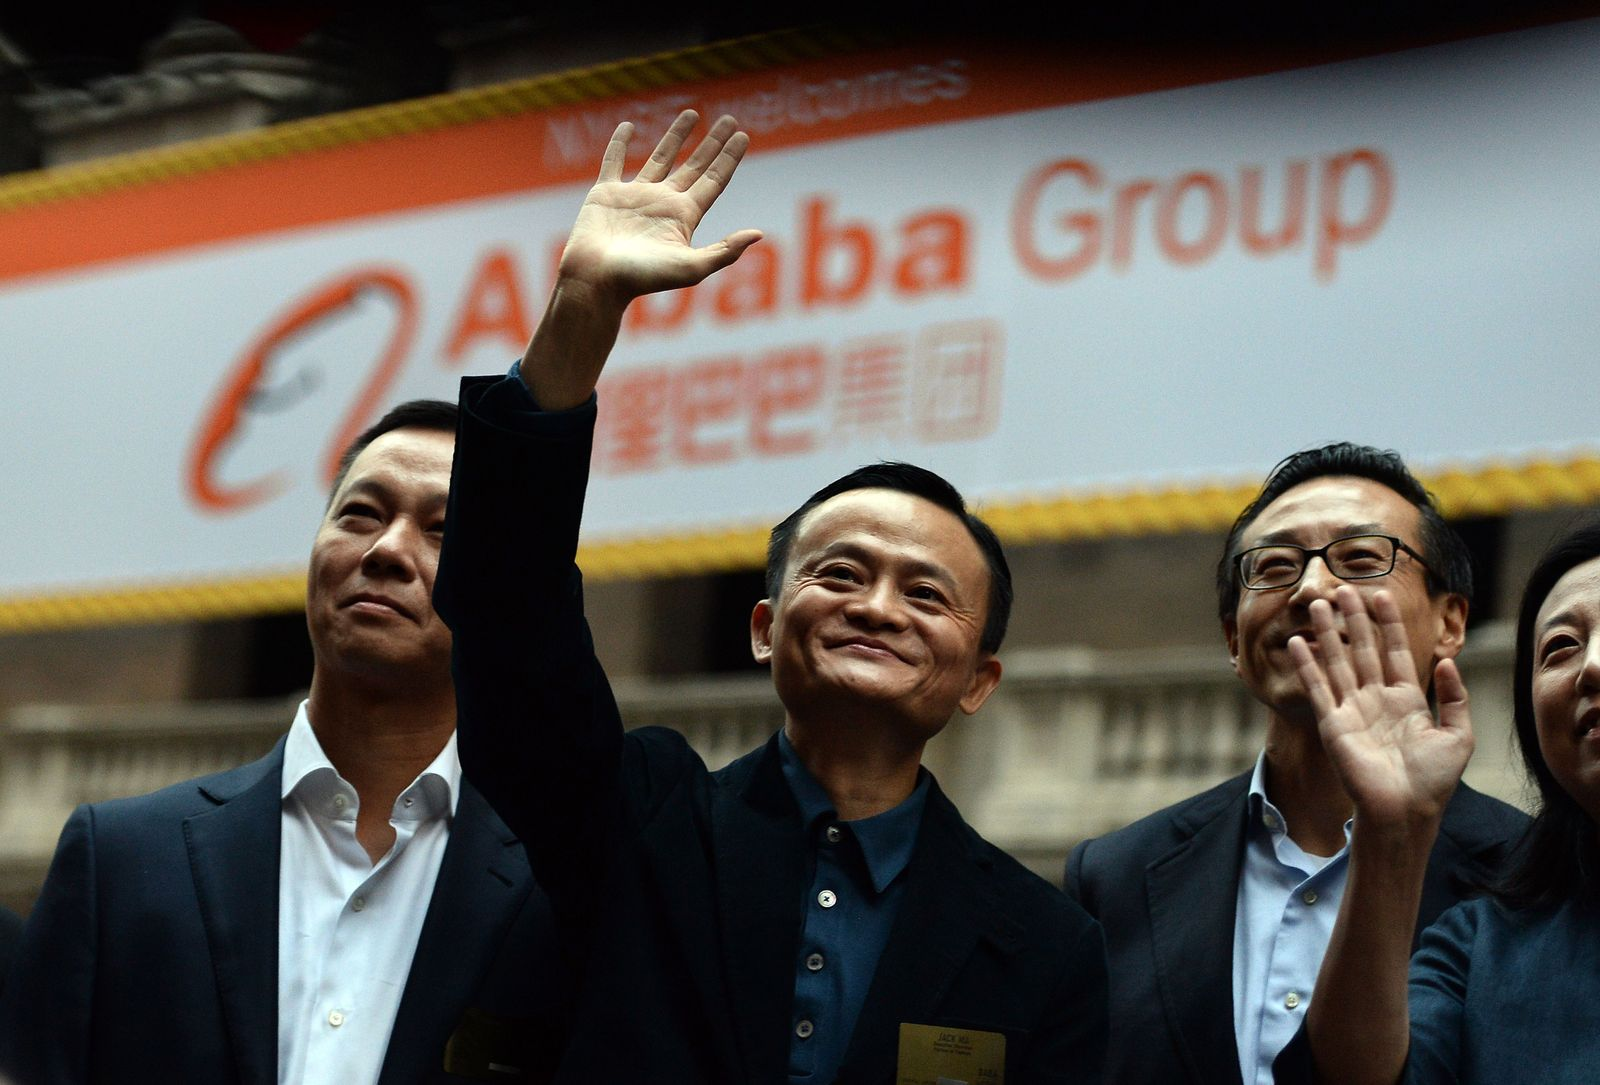 Alibaba IPO Brsengang / Jack Ma (Kopie)